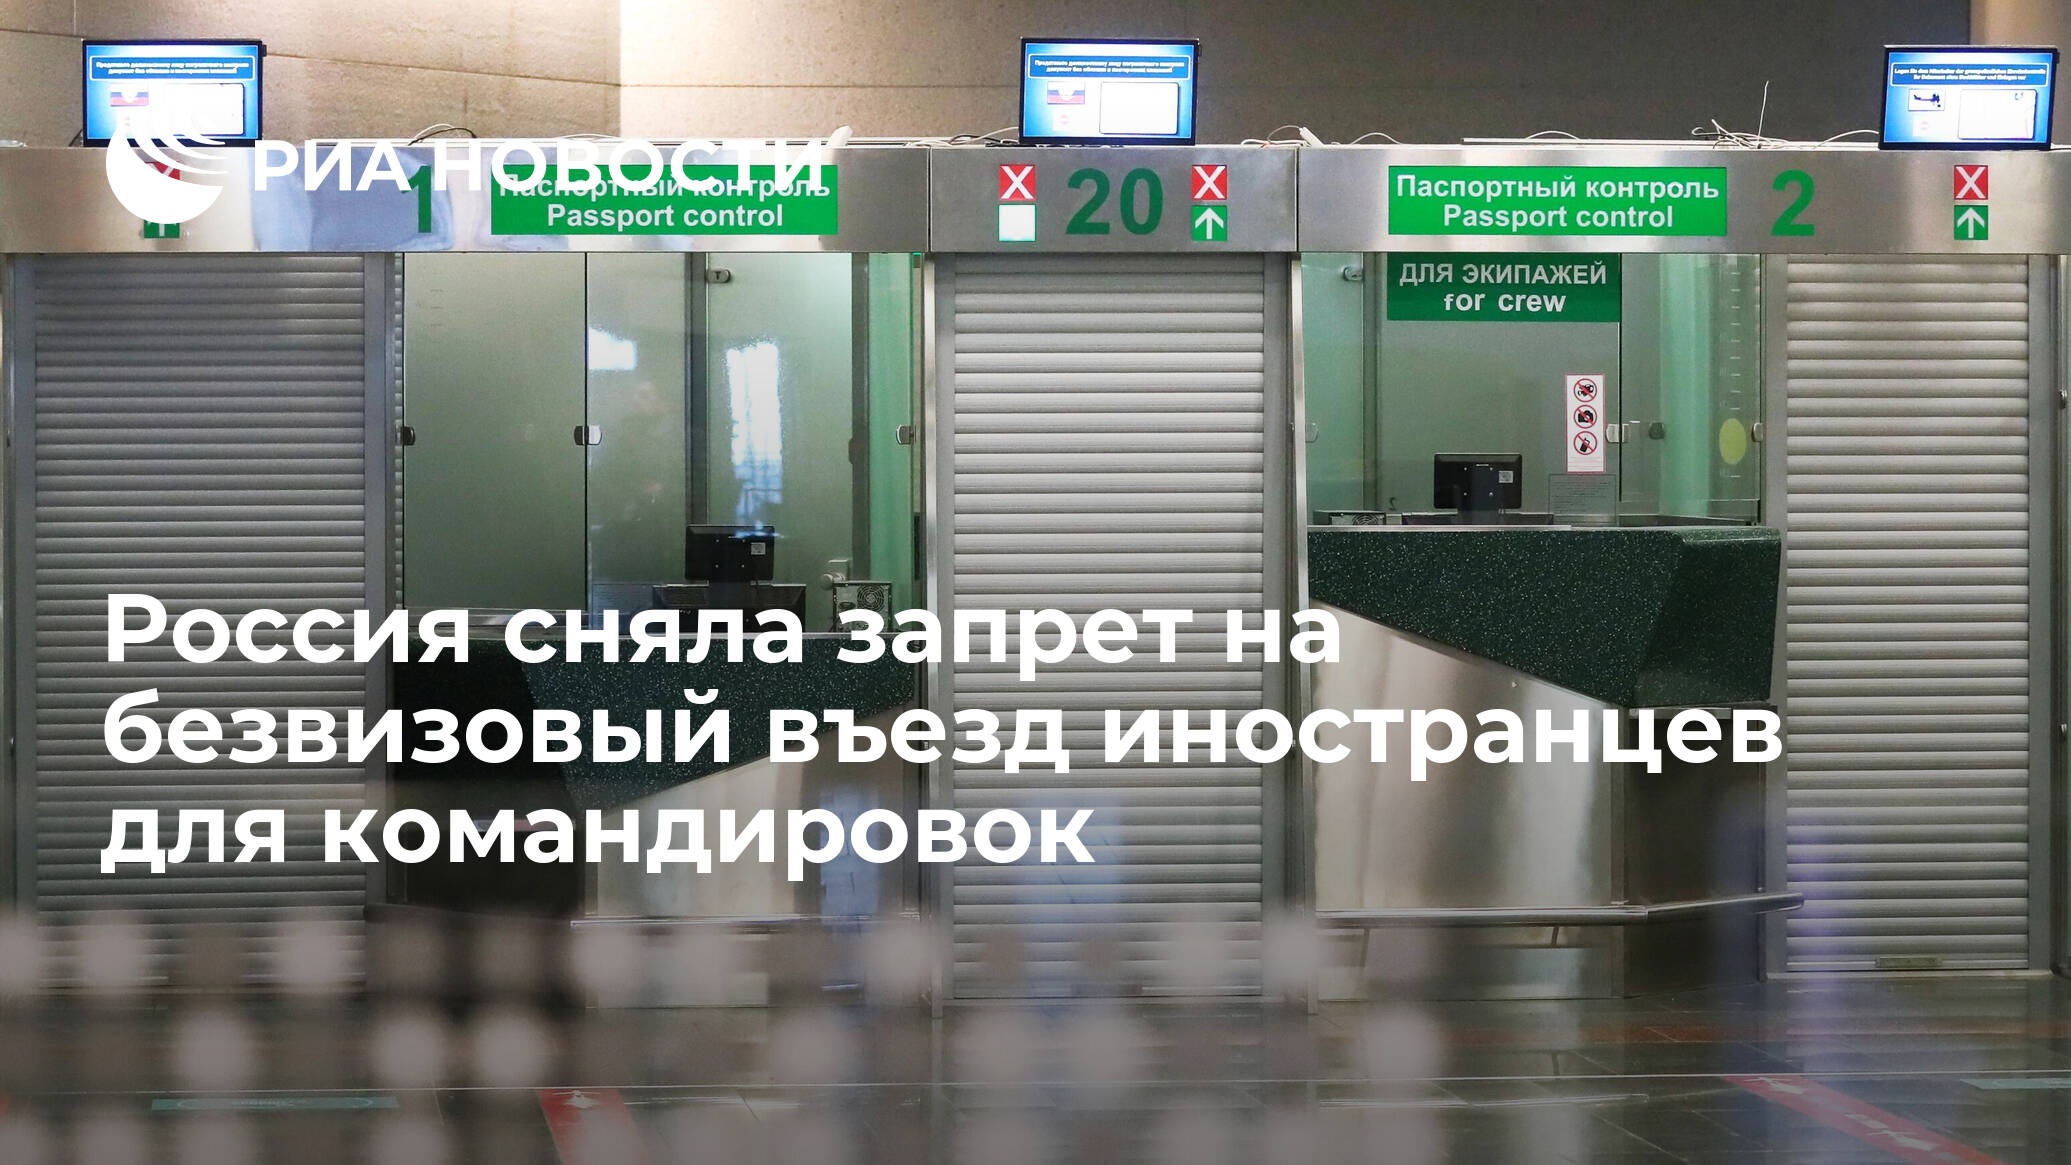 Россия сняла запрет на безвизовый въезд иностранцев для командировок